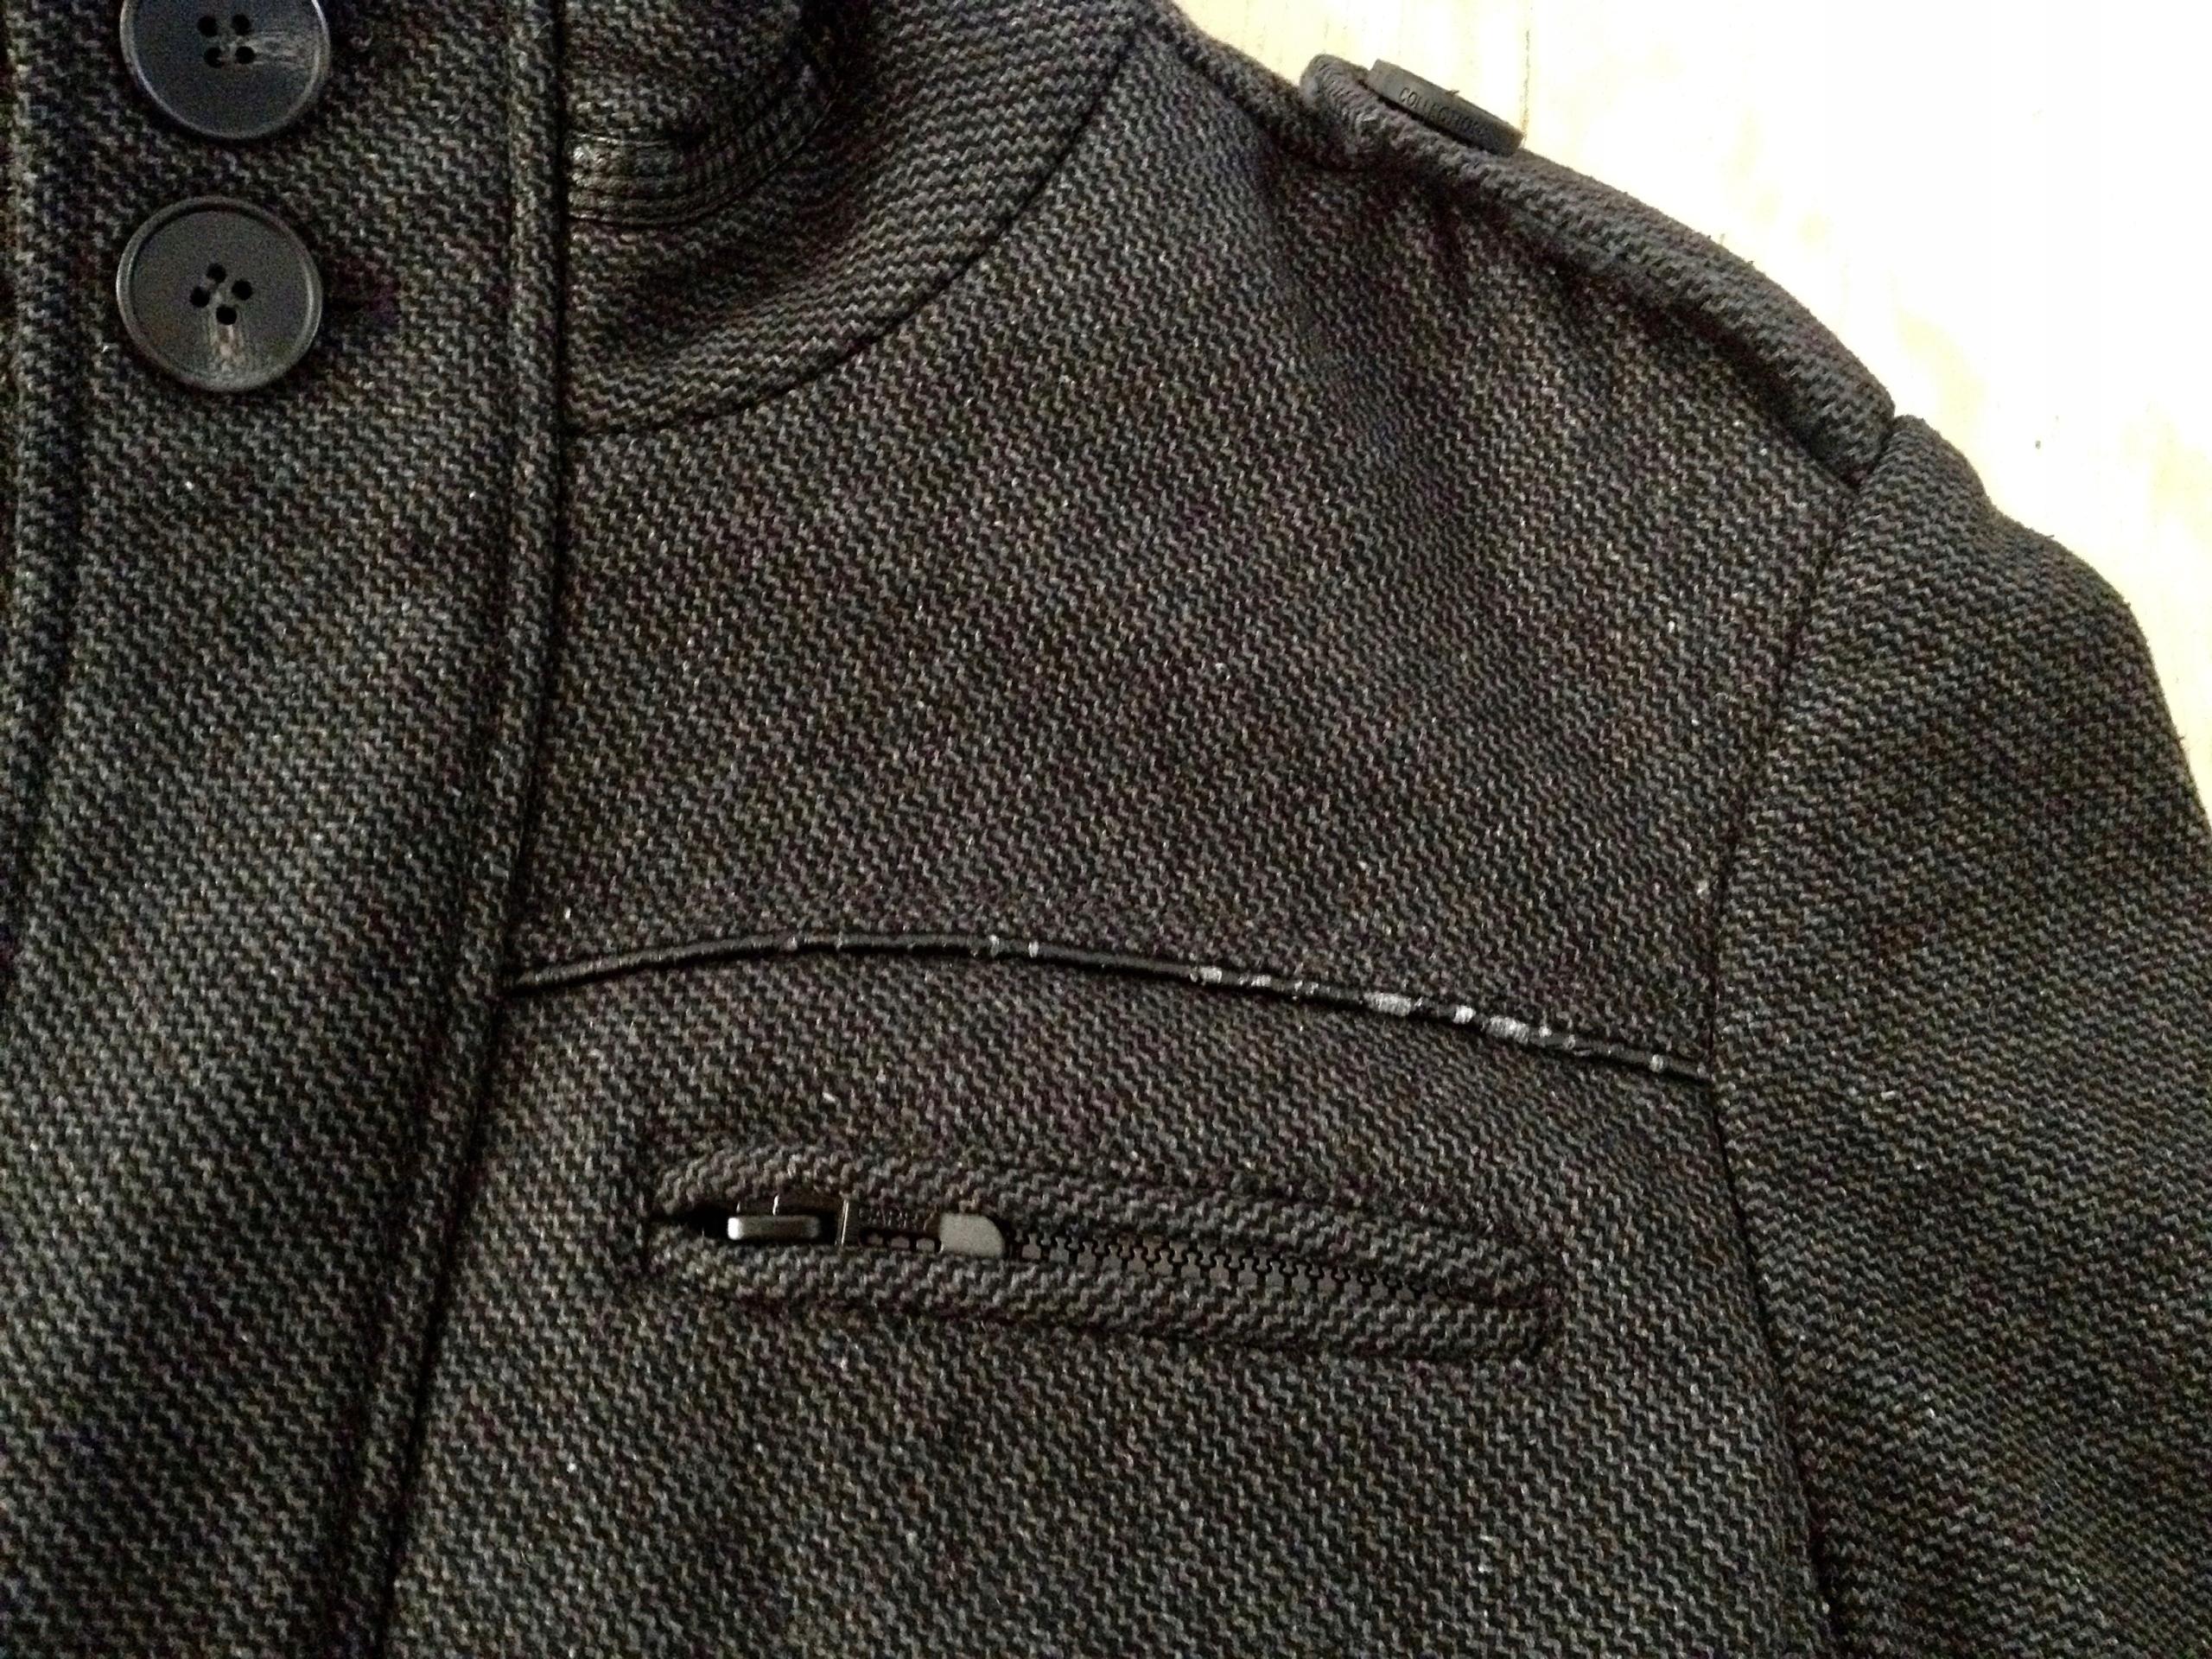 4c580c8a Kurtka krótki płaszcz = Carry Formal = M